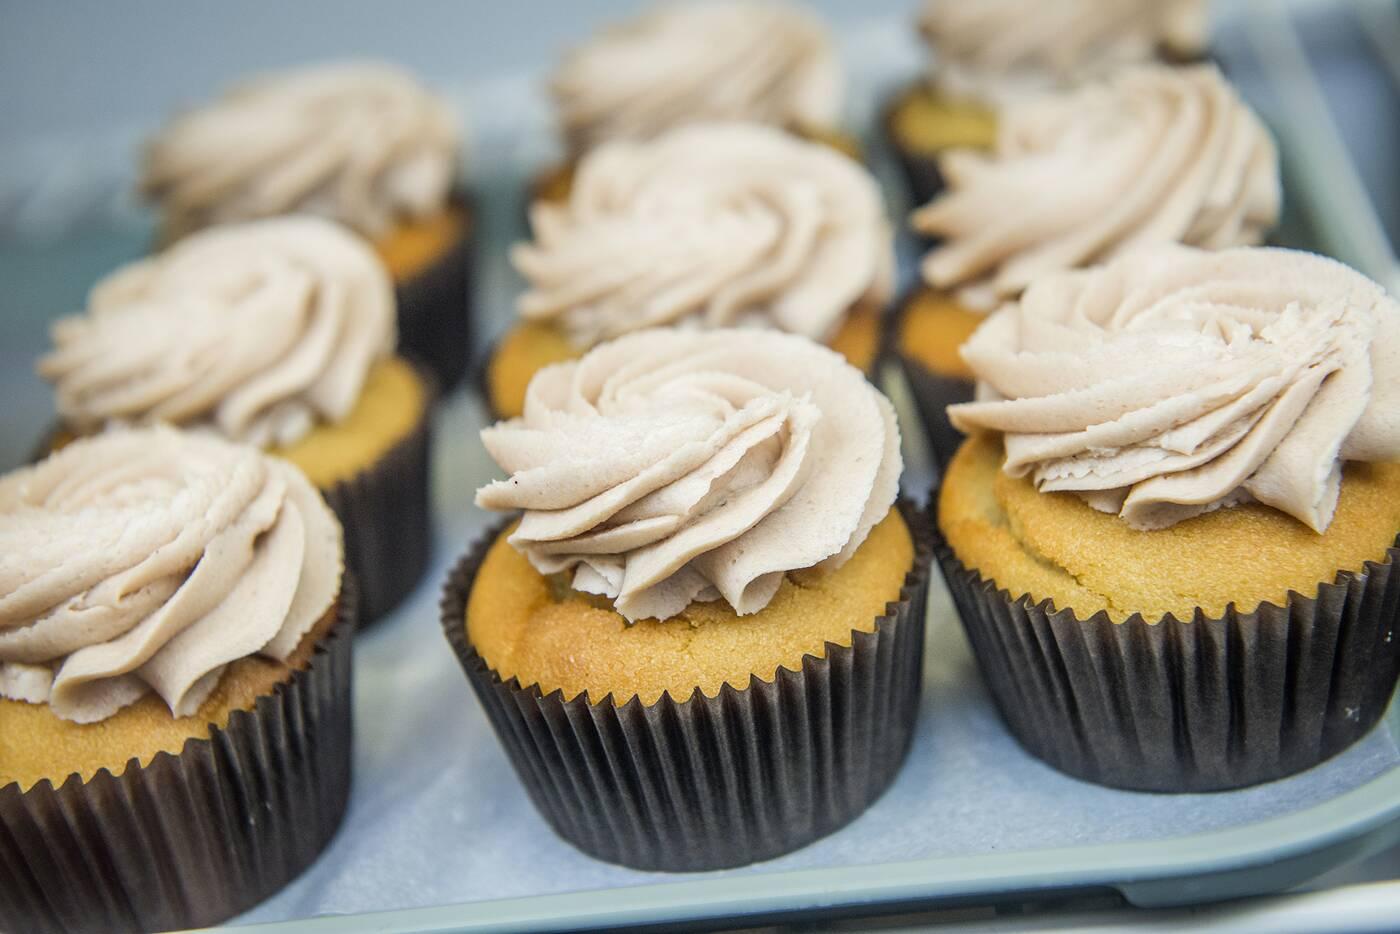 Vegan Cupcake Toronto